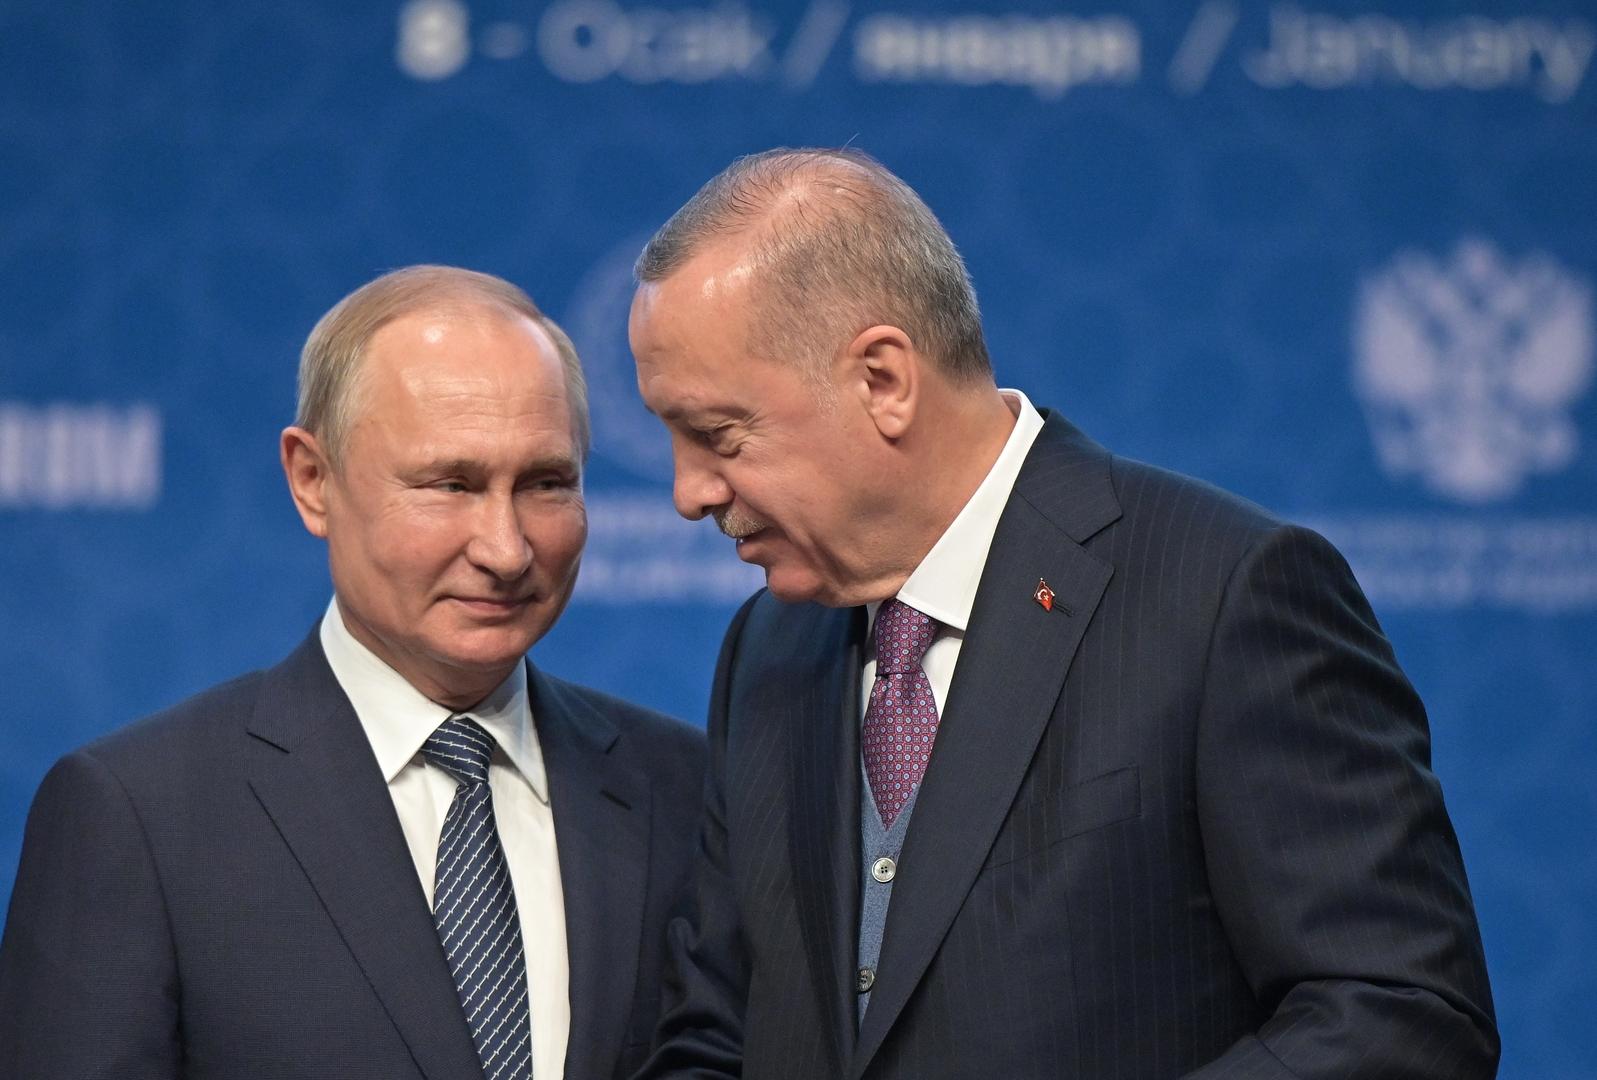 حكومة الوفاق الليبية ترحب بنتائج لقاء بوتين وأردوغان في إسطنبول